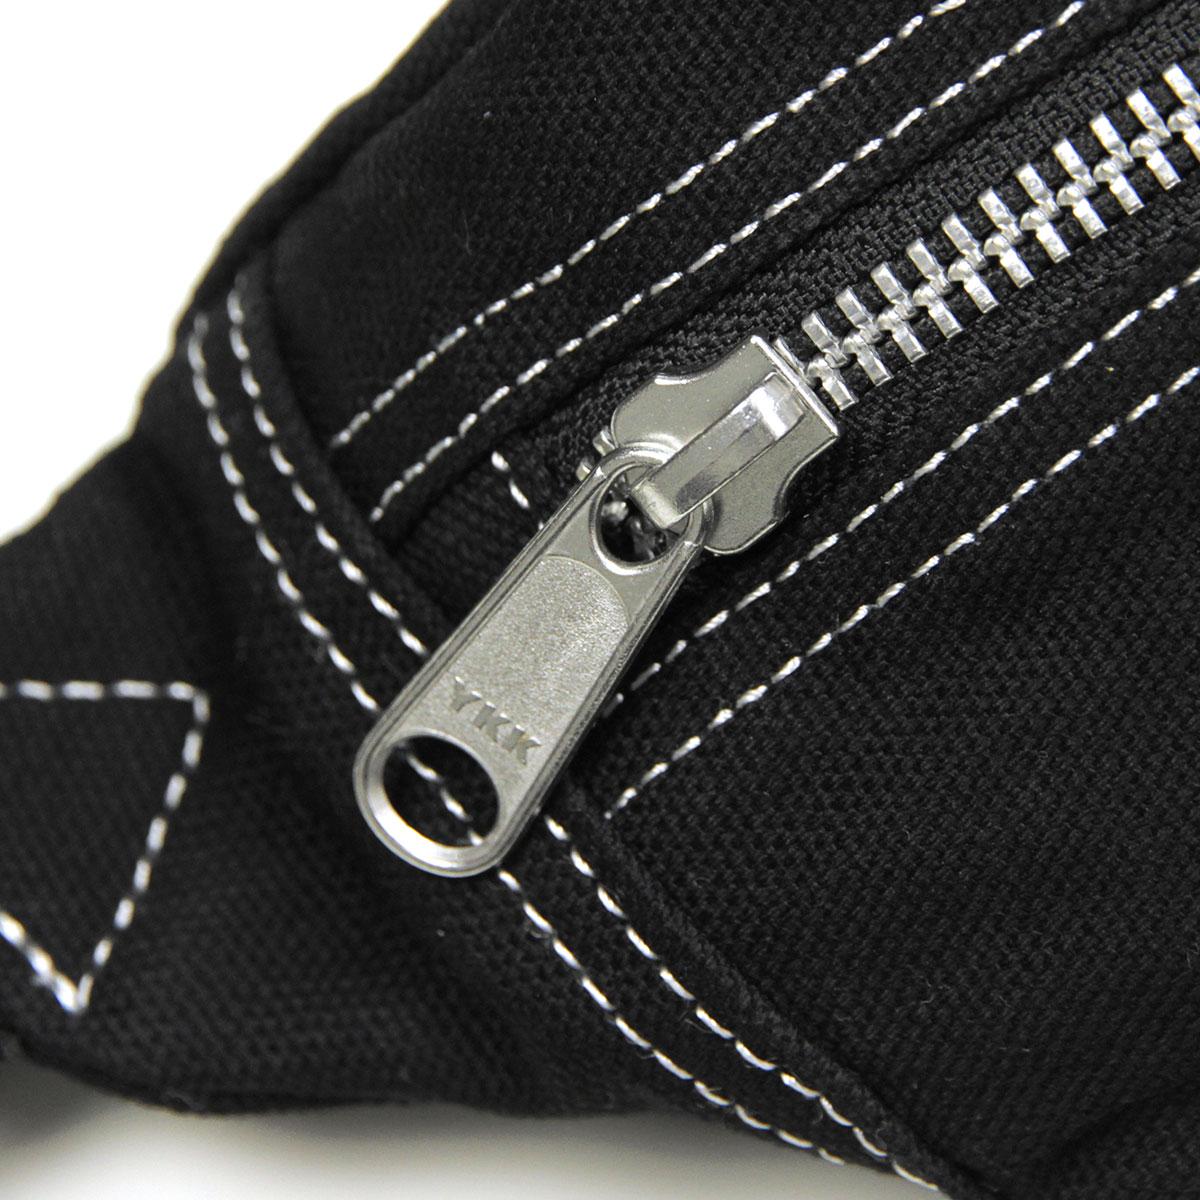 カーハート ボディーバッグ メンズ レディース 正規品 CARHARTT WIP ヒップバッグ ショルダーバッグ CARHARTT WIP STRATFORD HIP BAG BLACK/WHITE i027585-8990 AB0B B3C C8D D4E E13F